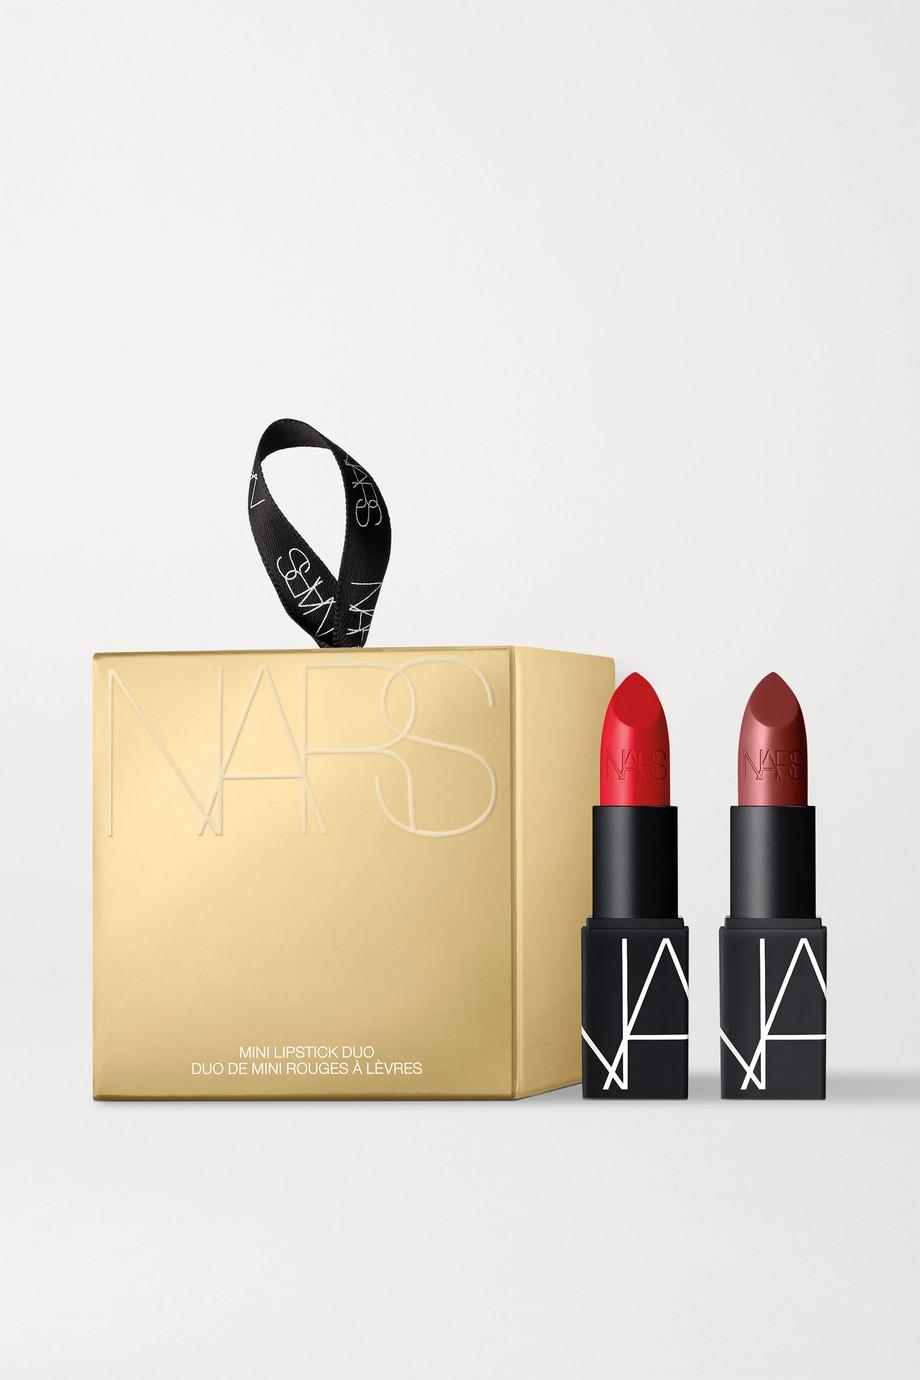 NARS Mini Lipstick Duo